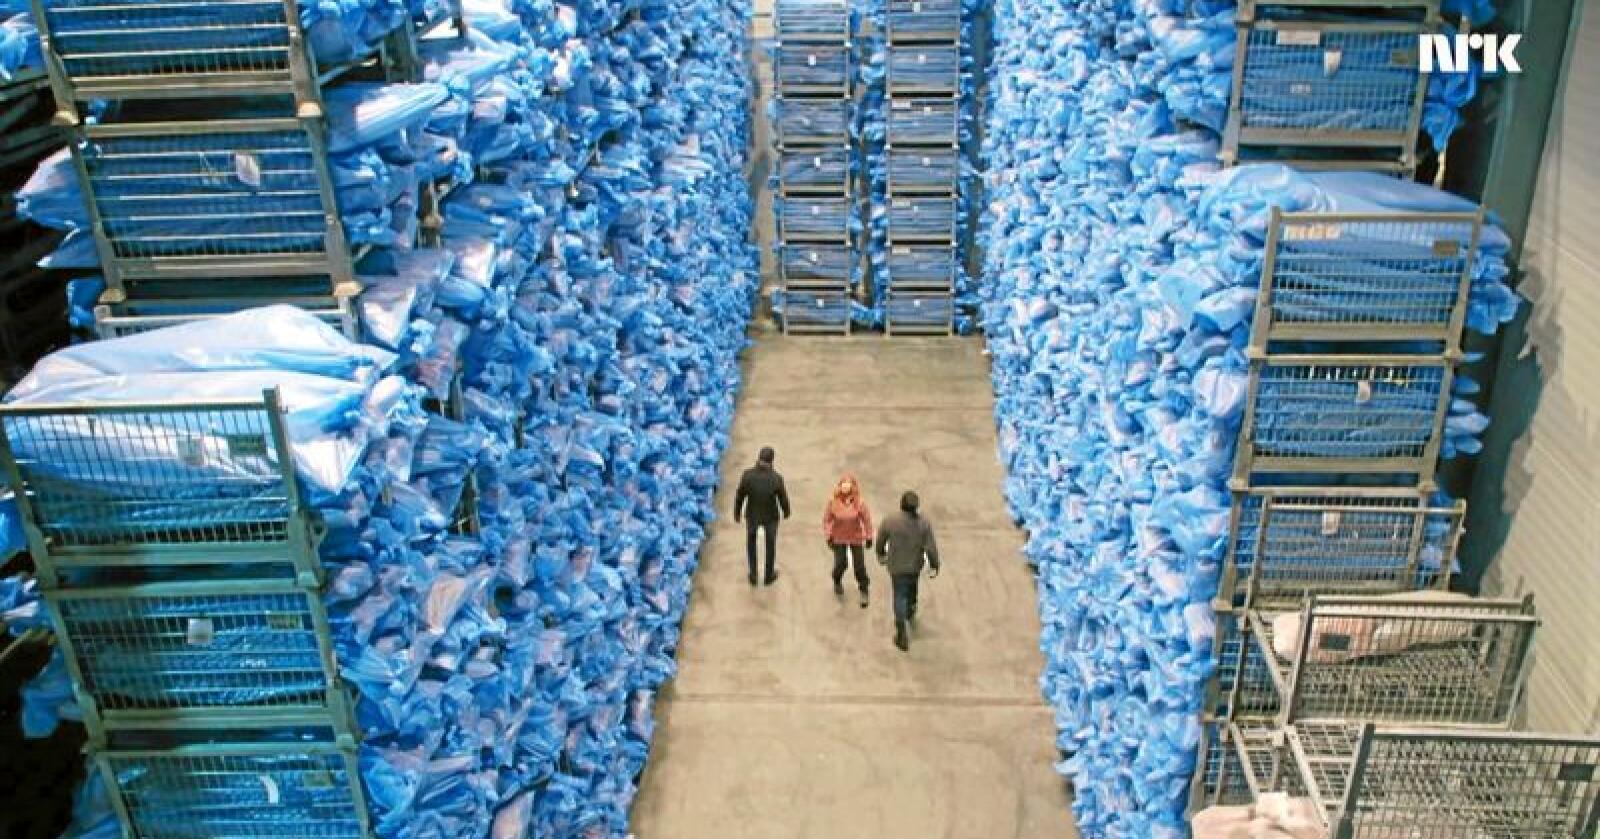 Tusenvis av sauer ligg på Nortura sitt fryselager. Foto: NRK